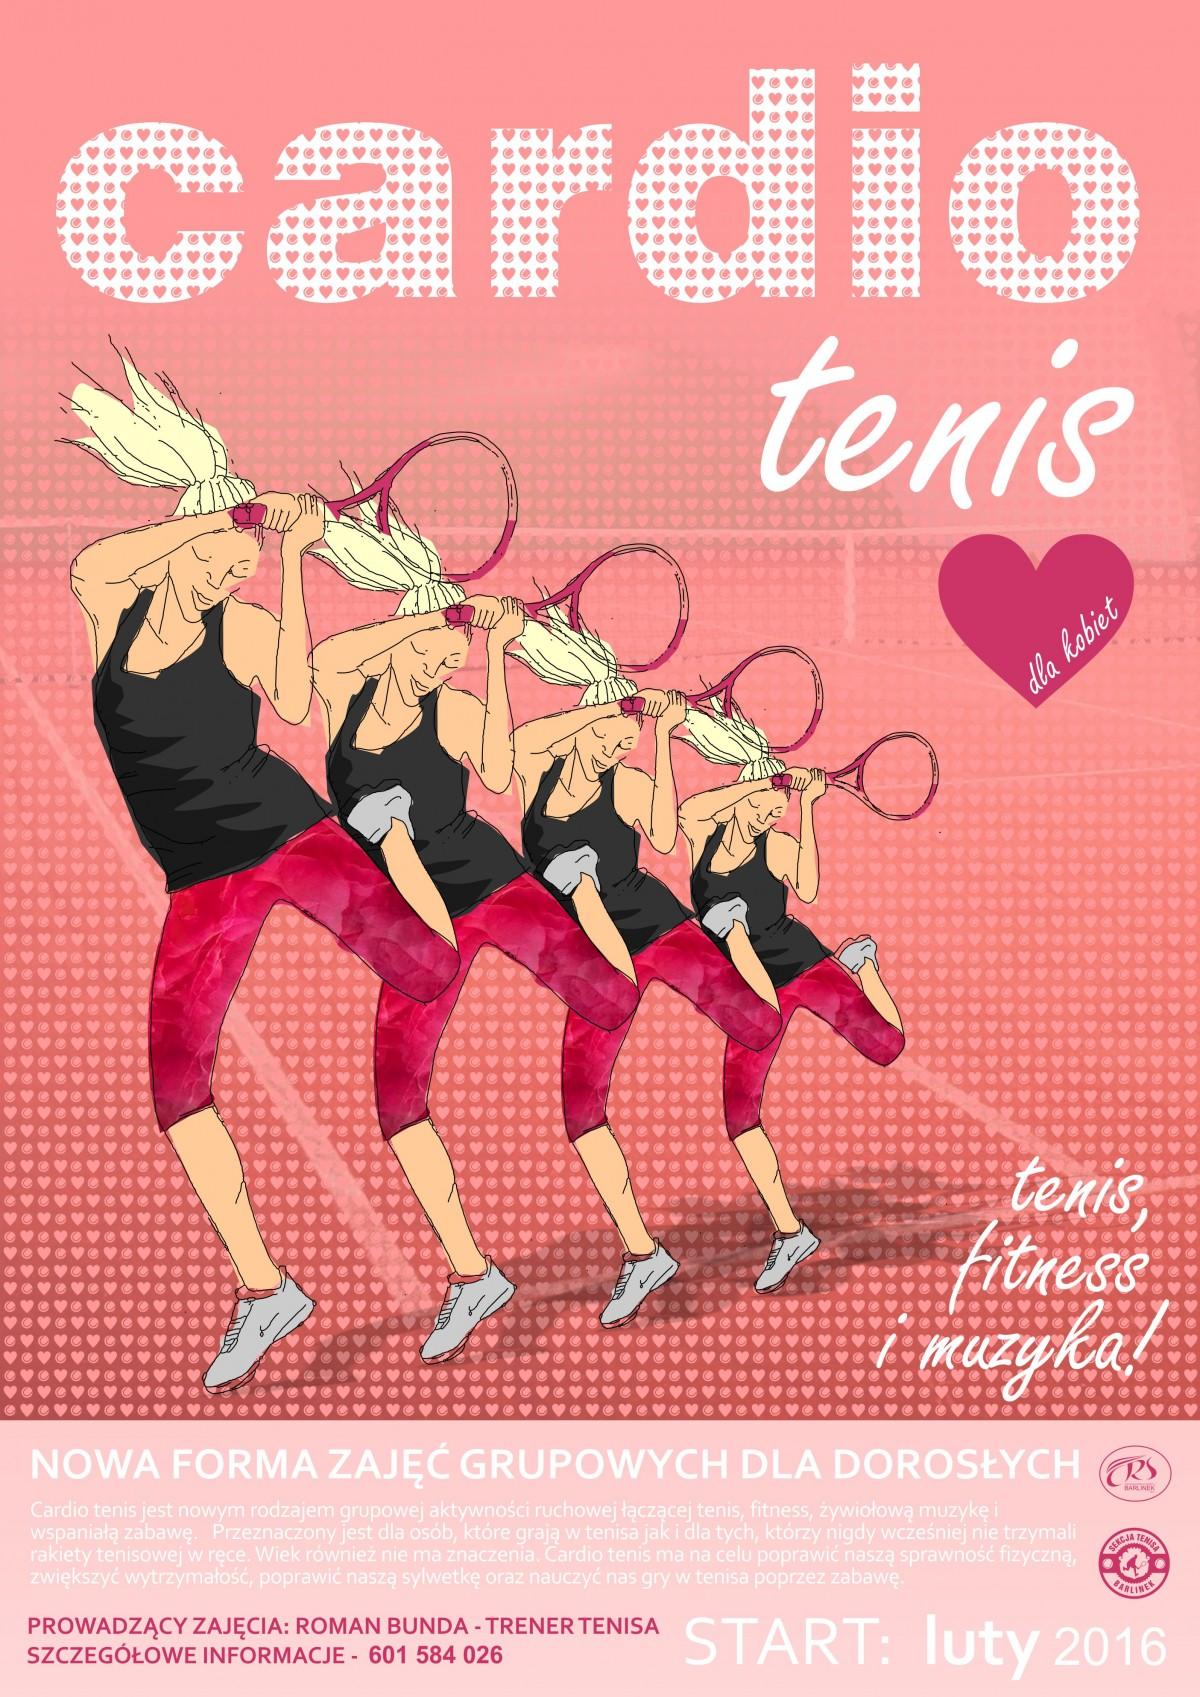 cardio tenis FB